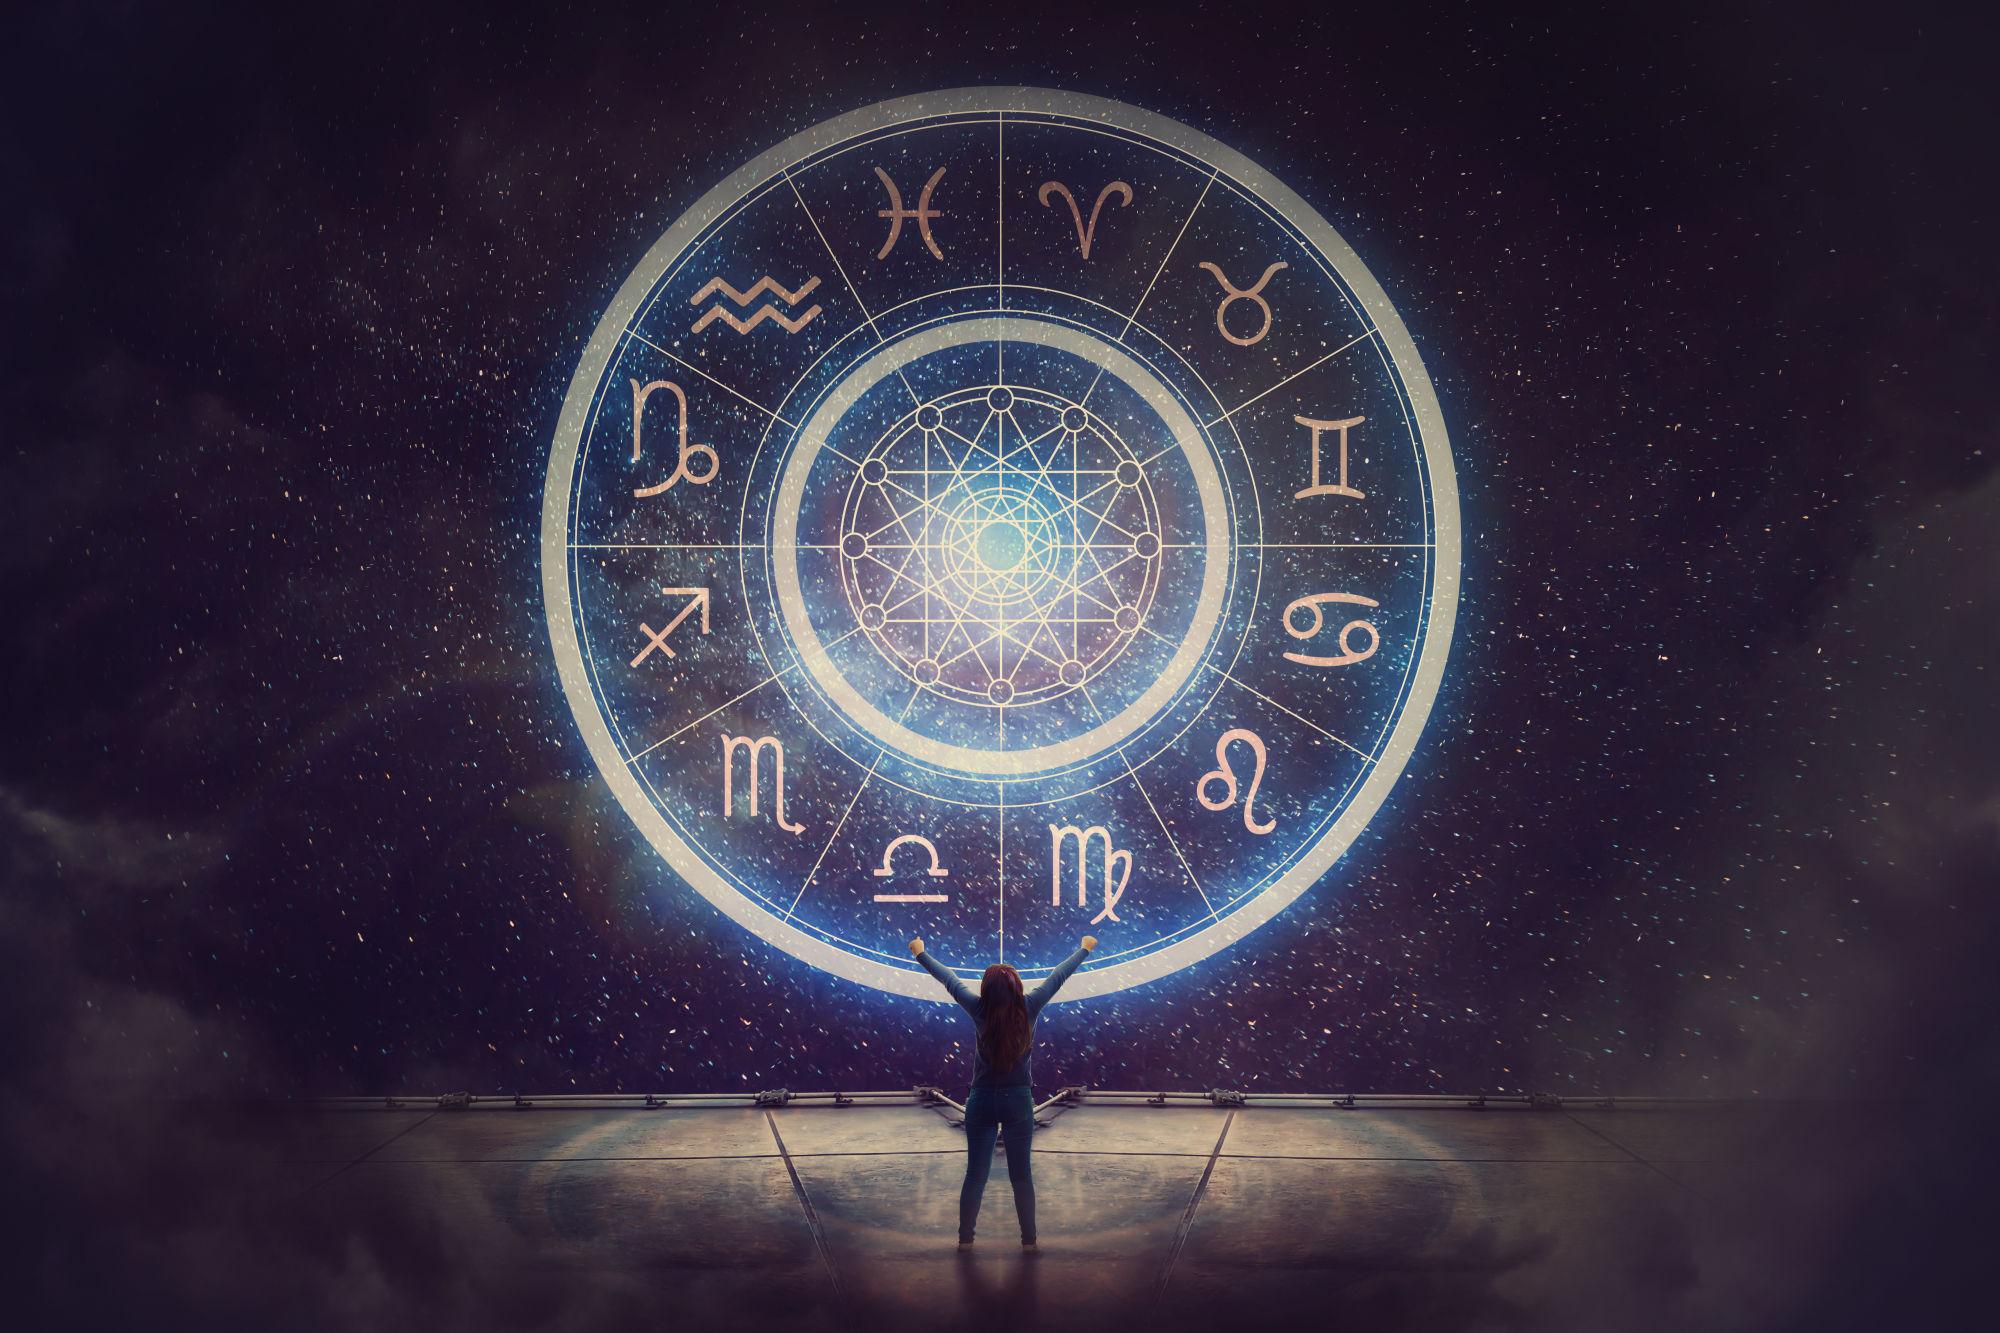 Astrolojide 12 adet burç olduğu gibi 12 adet de ev vardır. Astrolojide evler sahip olduğumuz enerjiyi dışarı çıkarttığımızda neler olacağını ifade eder. Yani burçlar kafamızın içindekileri, evler ise dışavurumlarımızı ve deneyimlerimizi ifade eder.